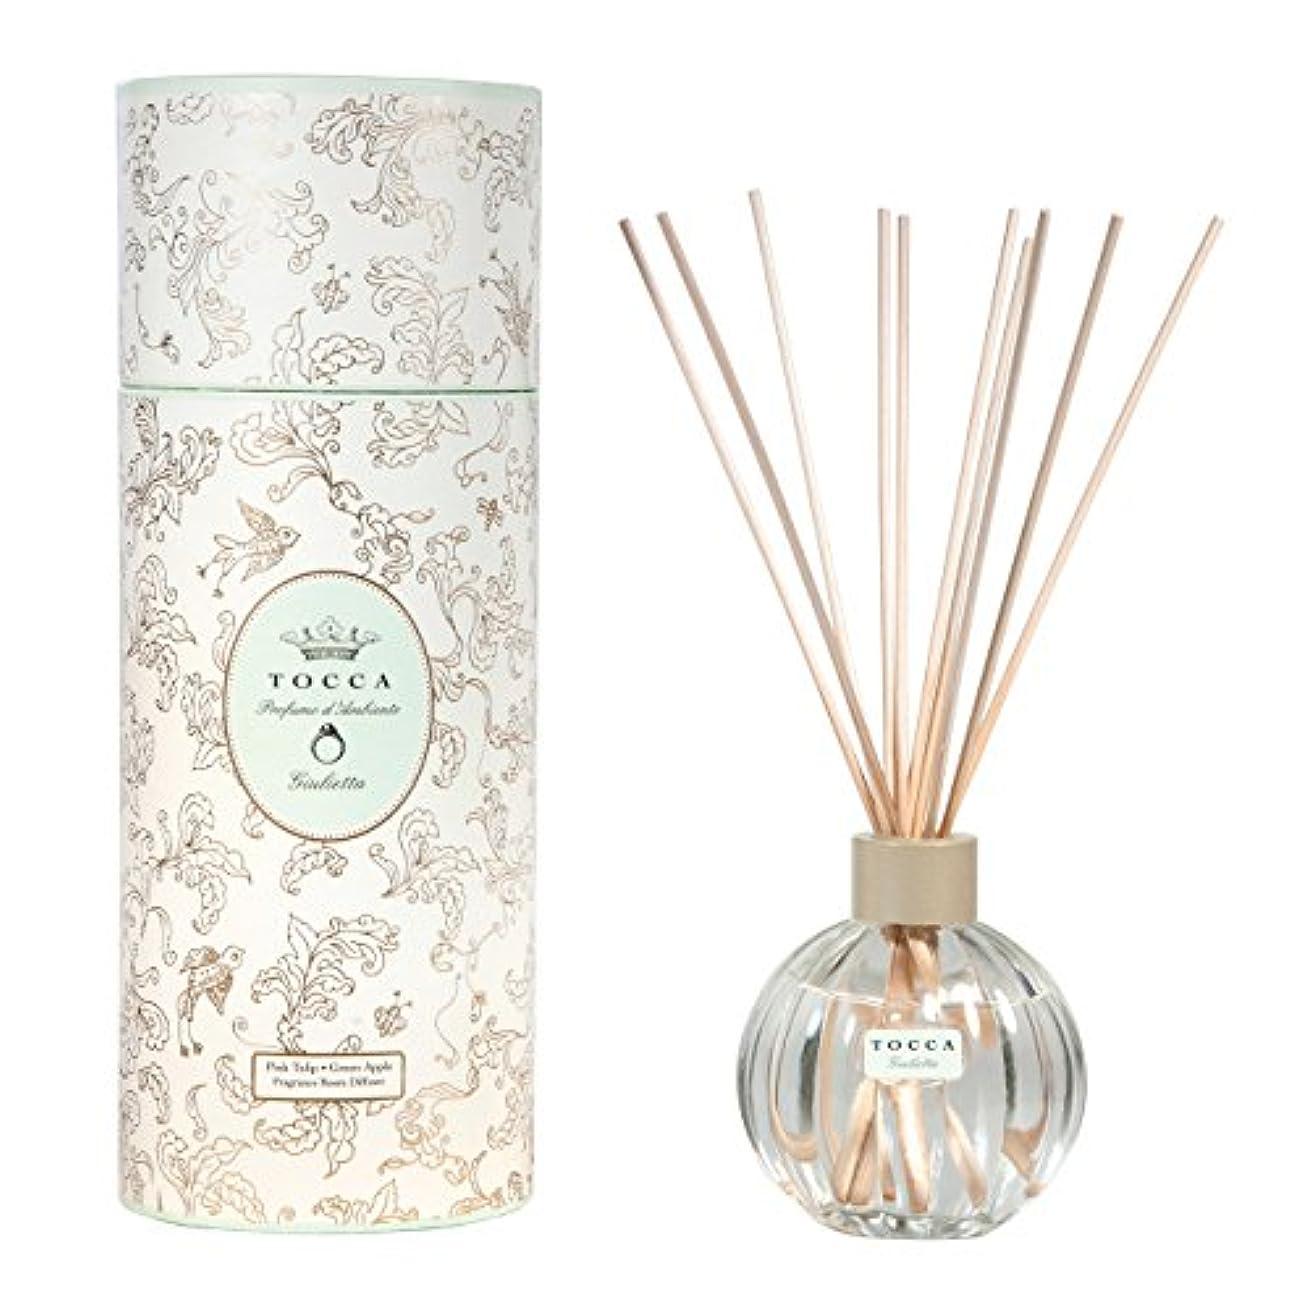 間あたたかい仲人トッカ(TOCCA) リードディフューザー ジュリエッタの香り 175ml 3~4ヶ月持続(芳香剤 ルームフレグランス ピンクチューリップとグリーンアップルの爽やかで甘い香り)